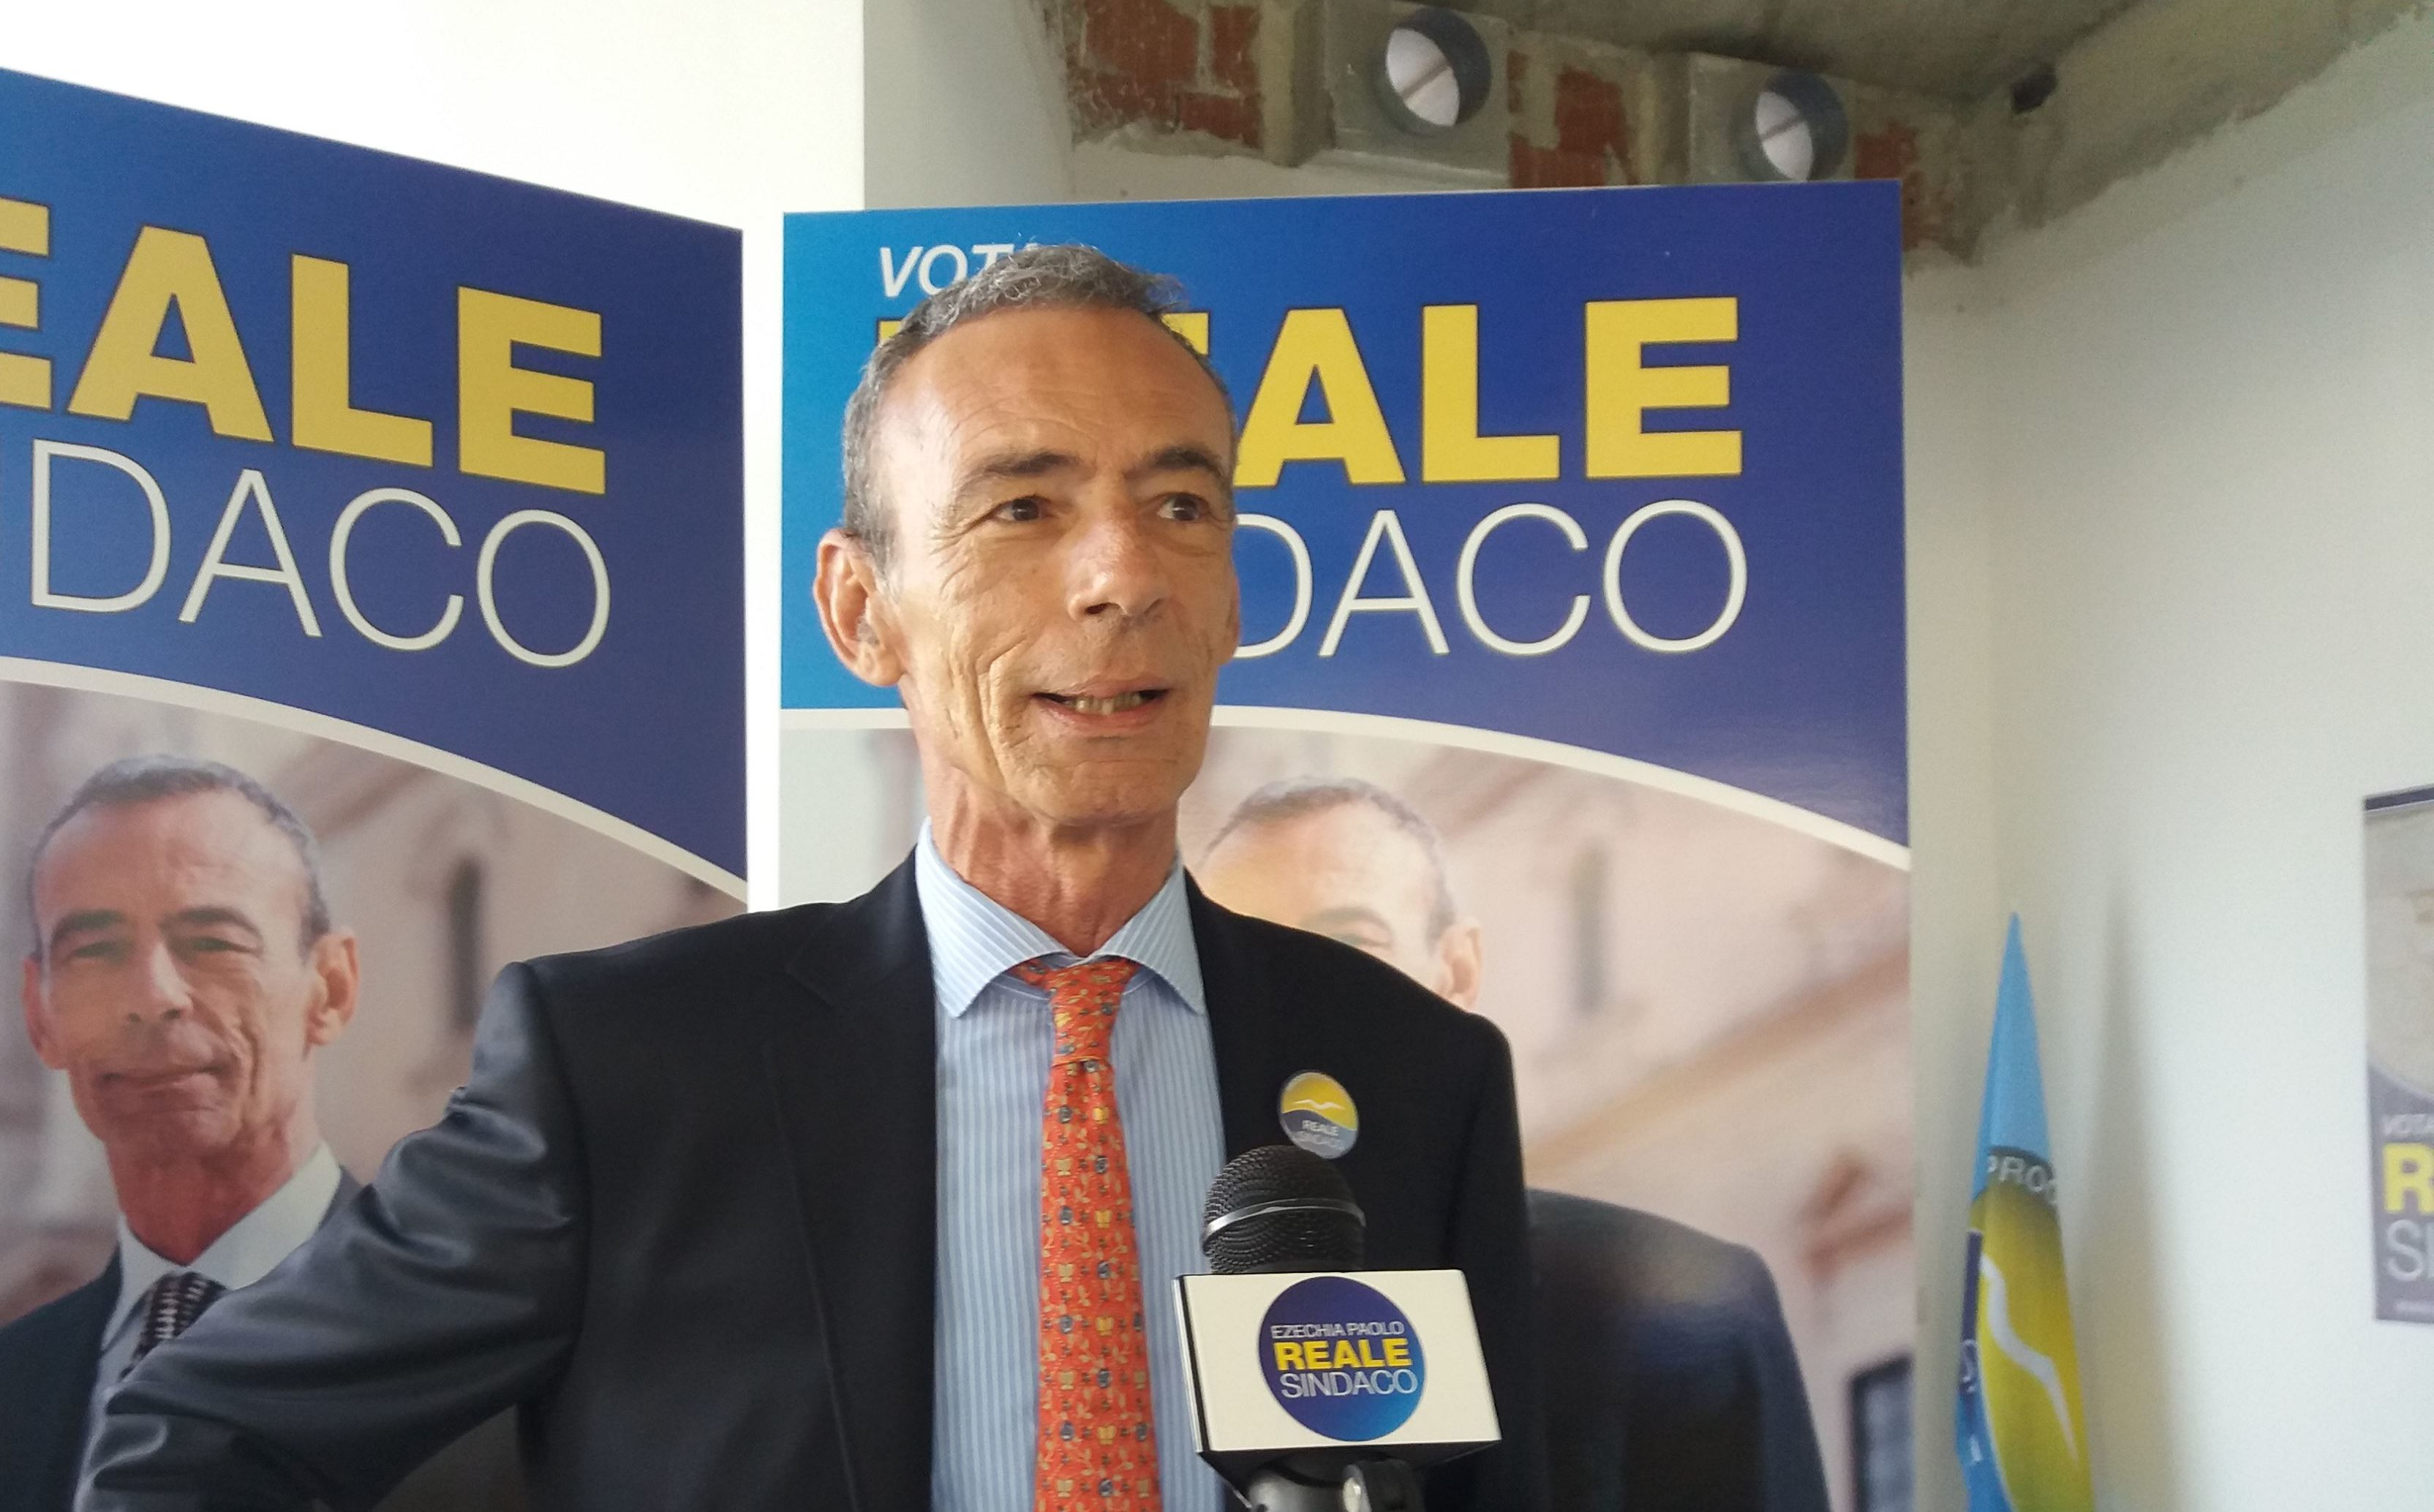 Le elezioni a Siracusa, Reale: chiederò al Cga di estendere il voto suppletivo